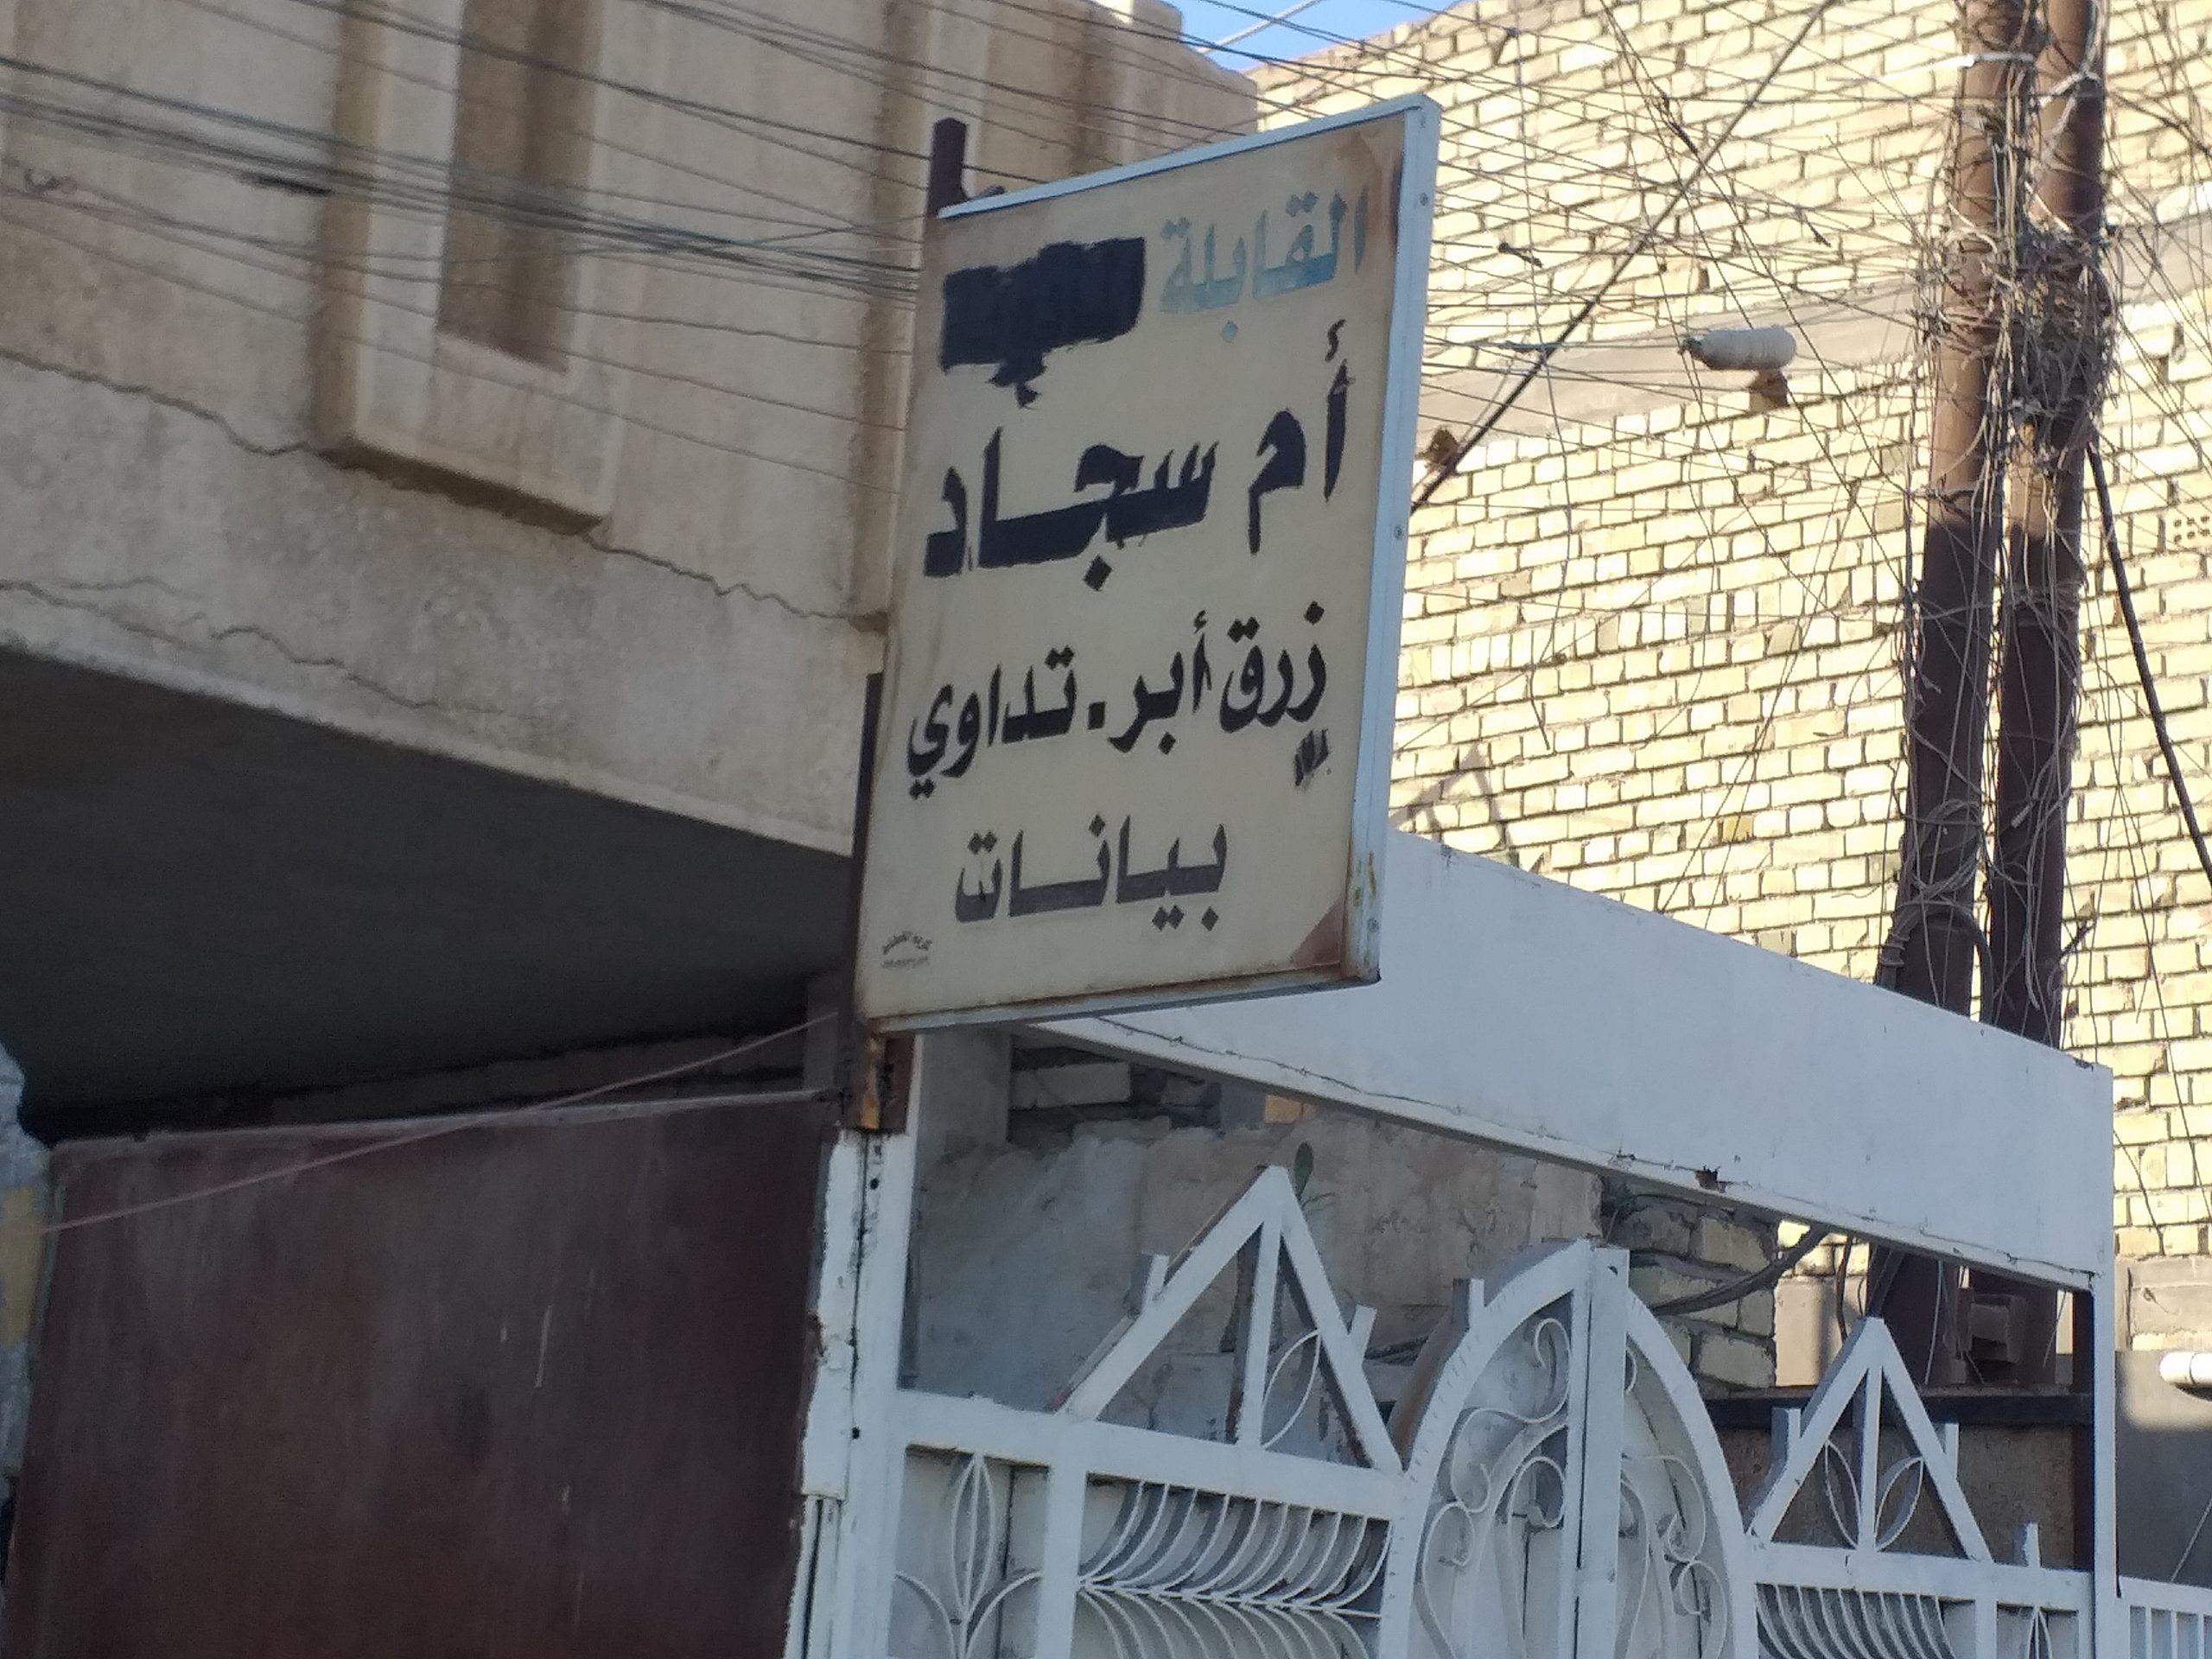 صورة اعادها كورونا إلى الواجهة: القابلة المأذونة بديلا عن مستشفيات الولادة في بغداد